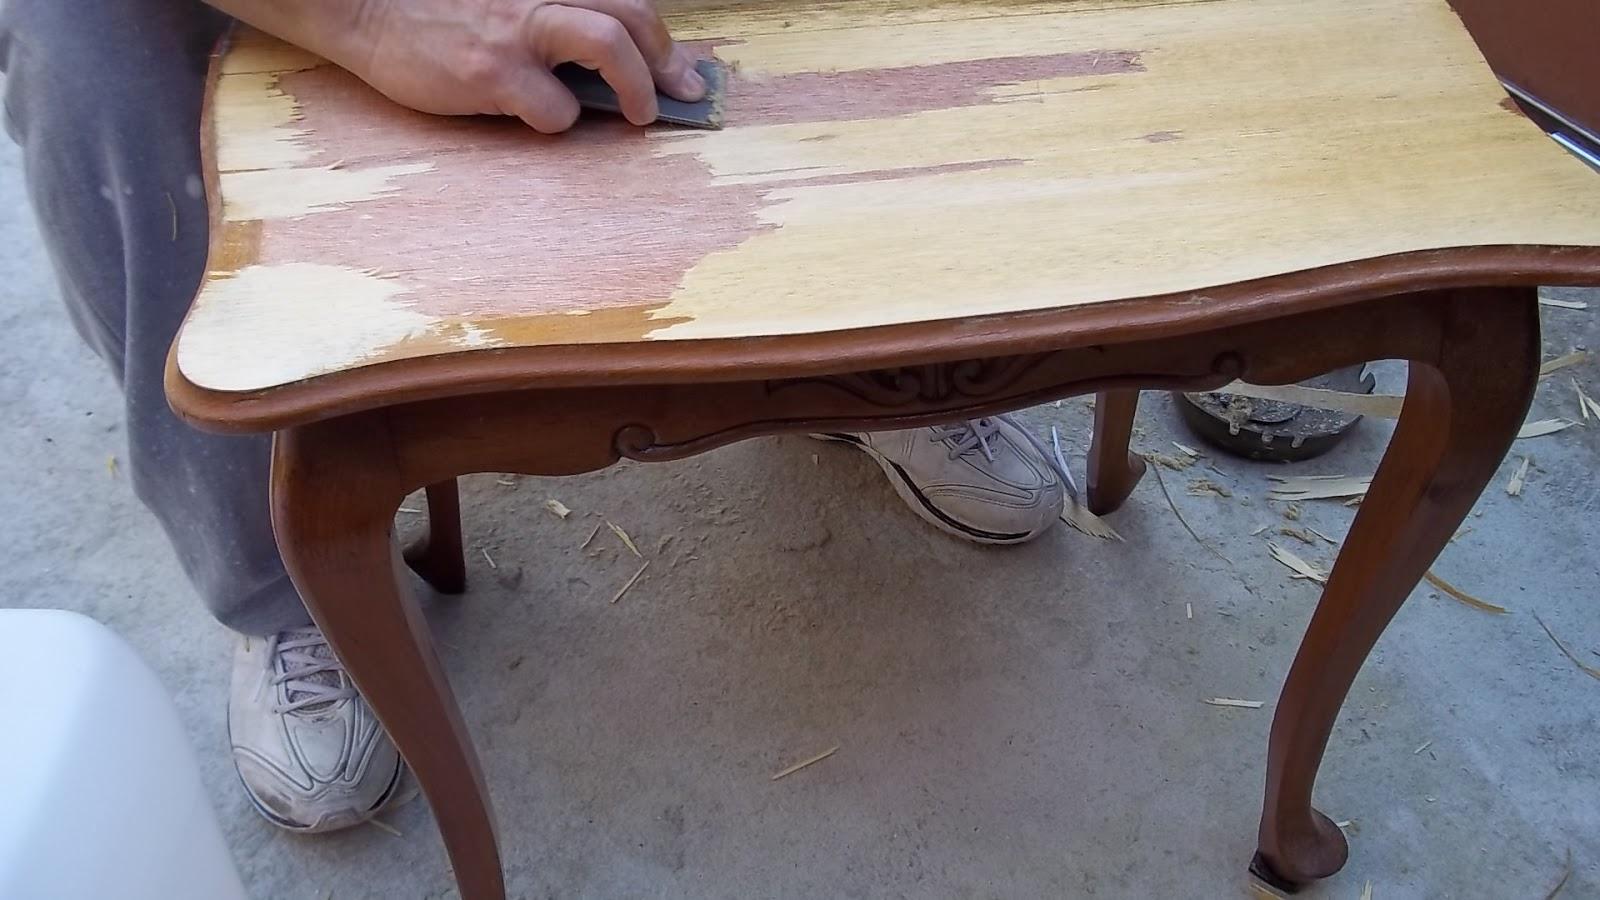 #837048 Marchetaria Ururahy: MESA DE CENTRO RESTAURADA EM MARCHETARIA 1600x900 px como restaurar mesa de jantar de madeira @ bernauer.info Móveis Antigos Novos E Usados Online